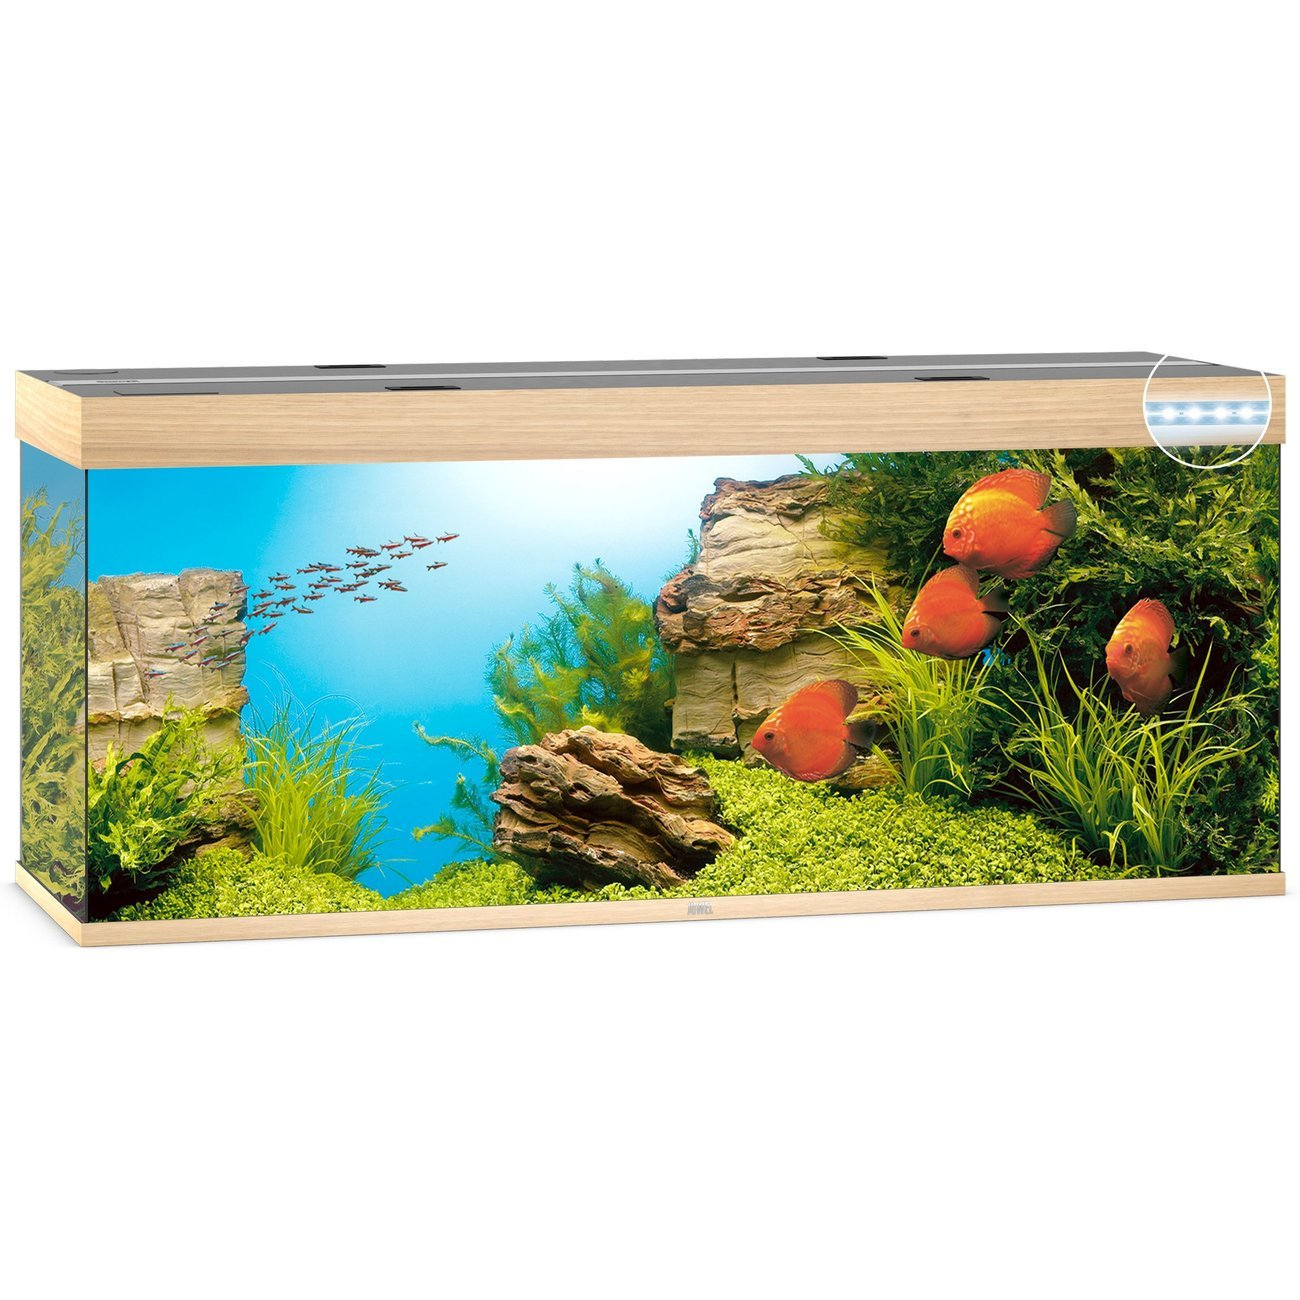 JUWEL Rio 450 LED Aquarium, 450 Liter, beige